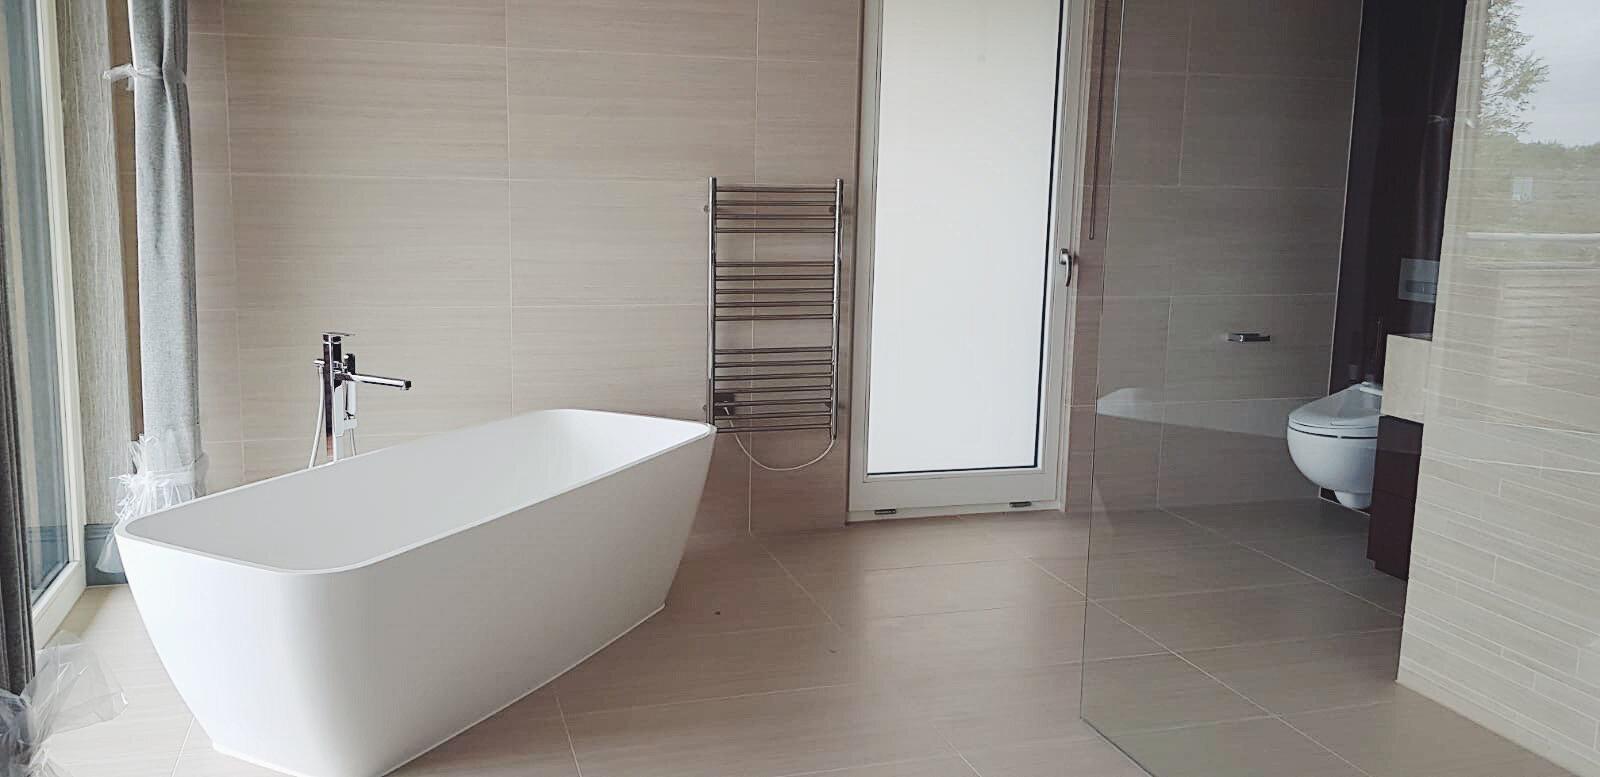 Bathrooms cirencester